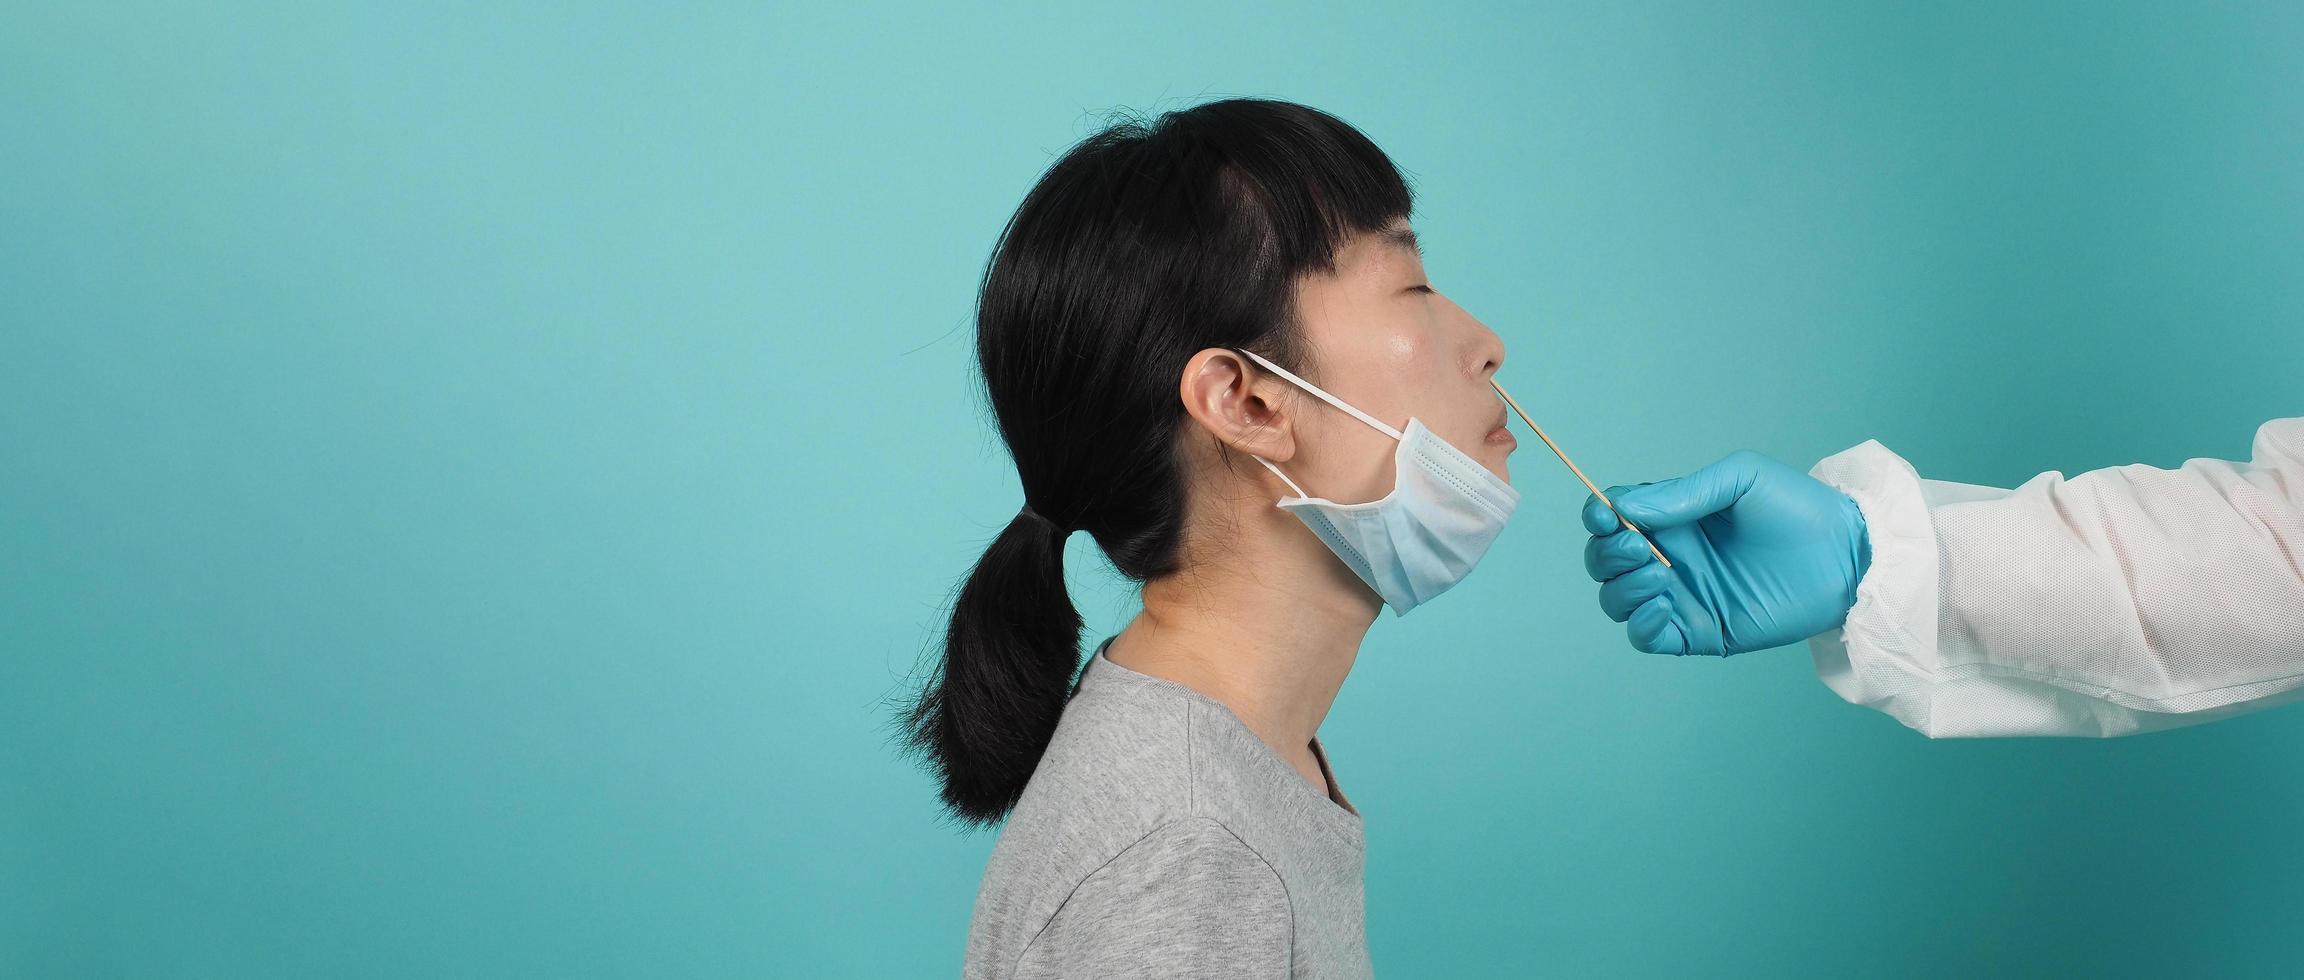 test pcr rt. femme avec un test d'écouvillonnage covid 19. photo